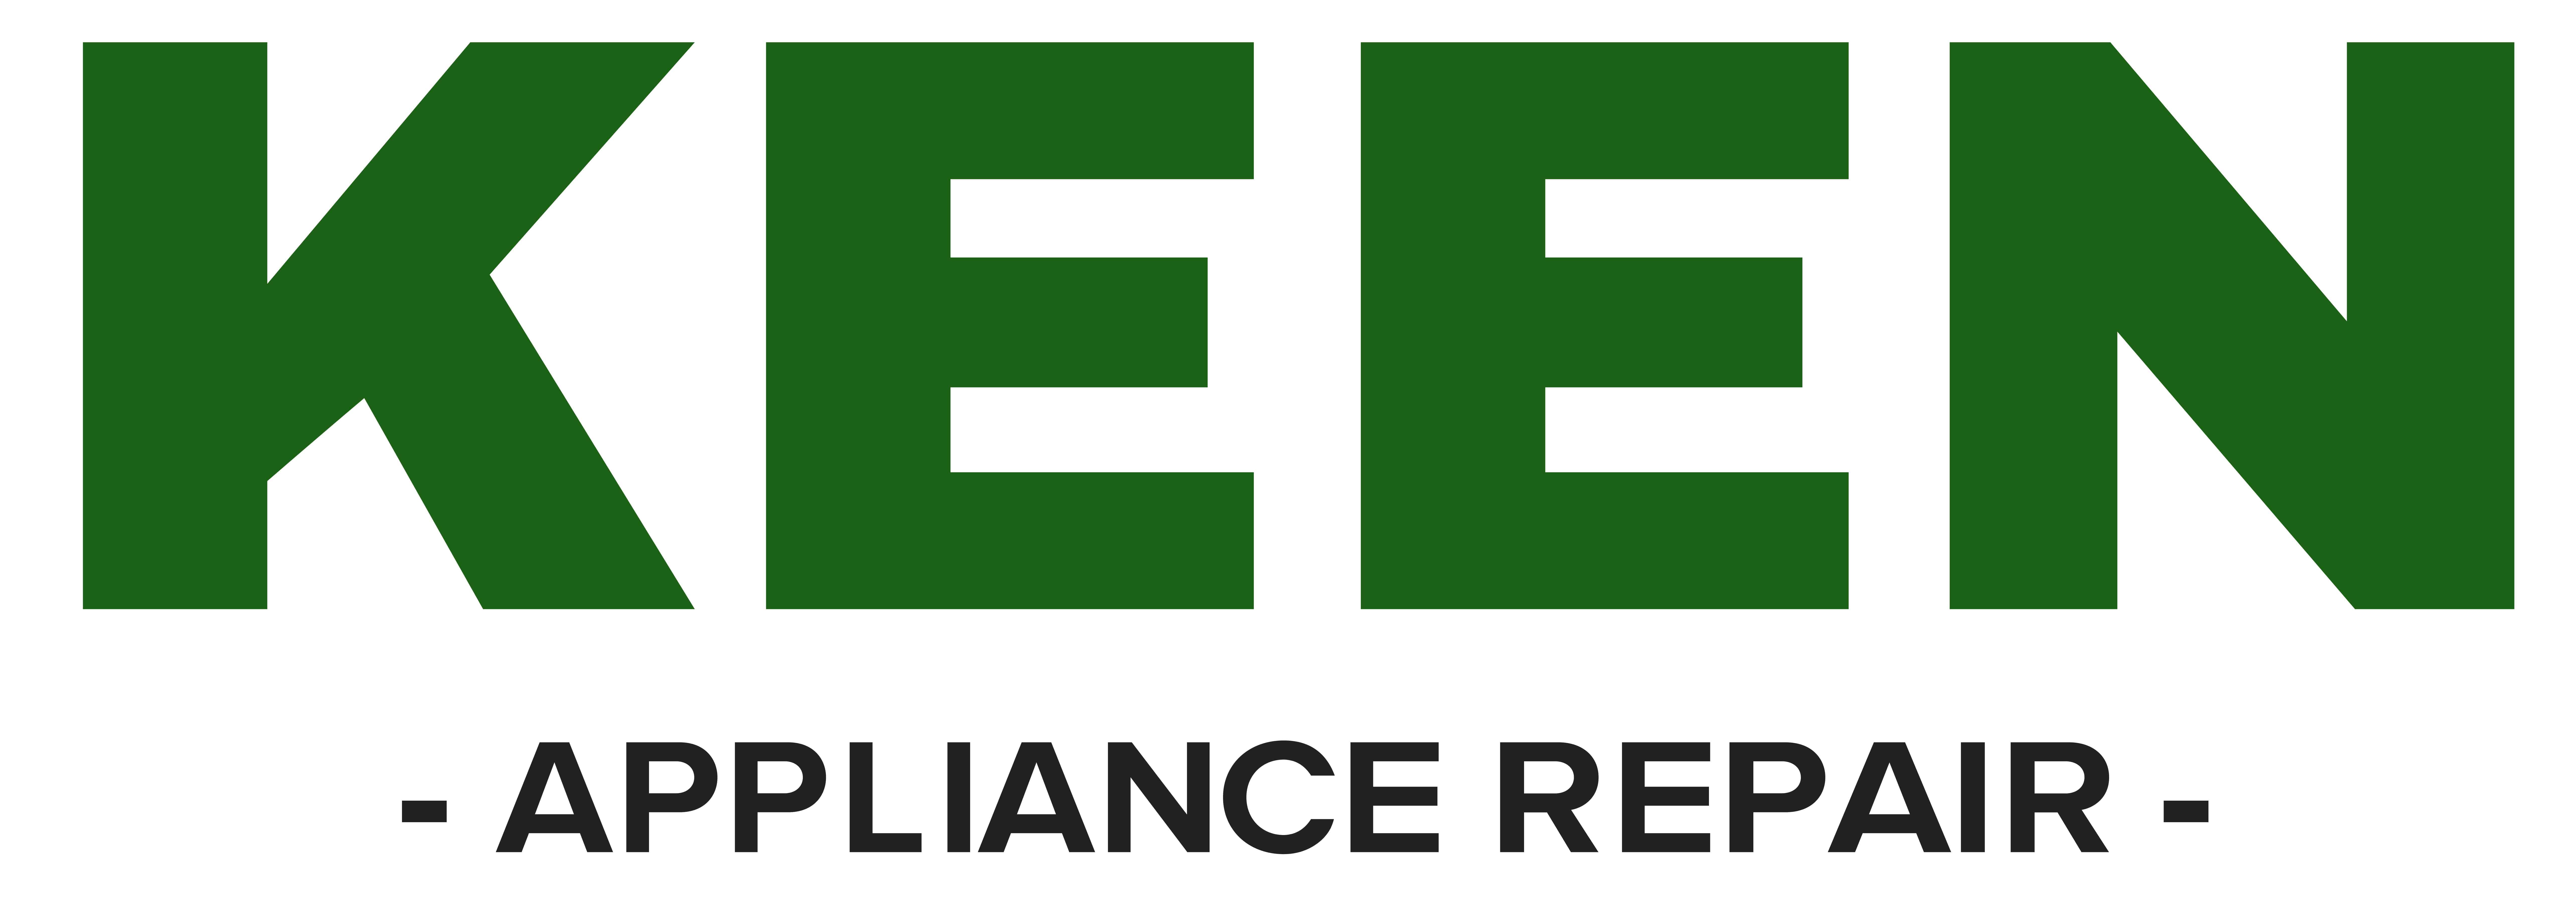 keen appliance repair logo